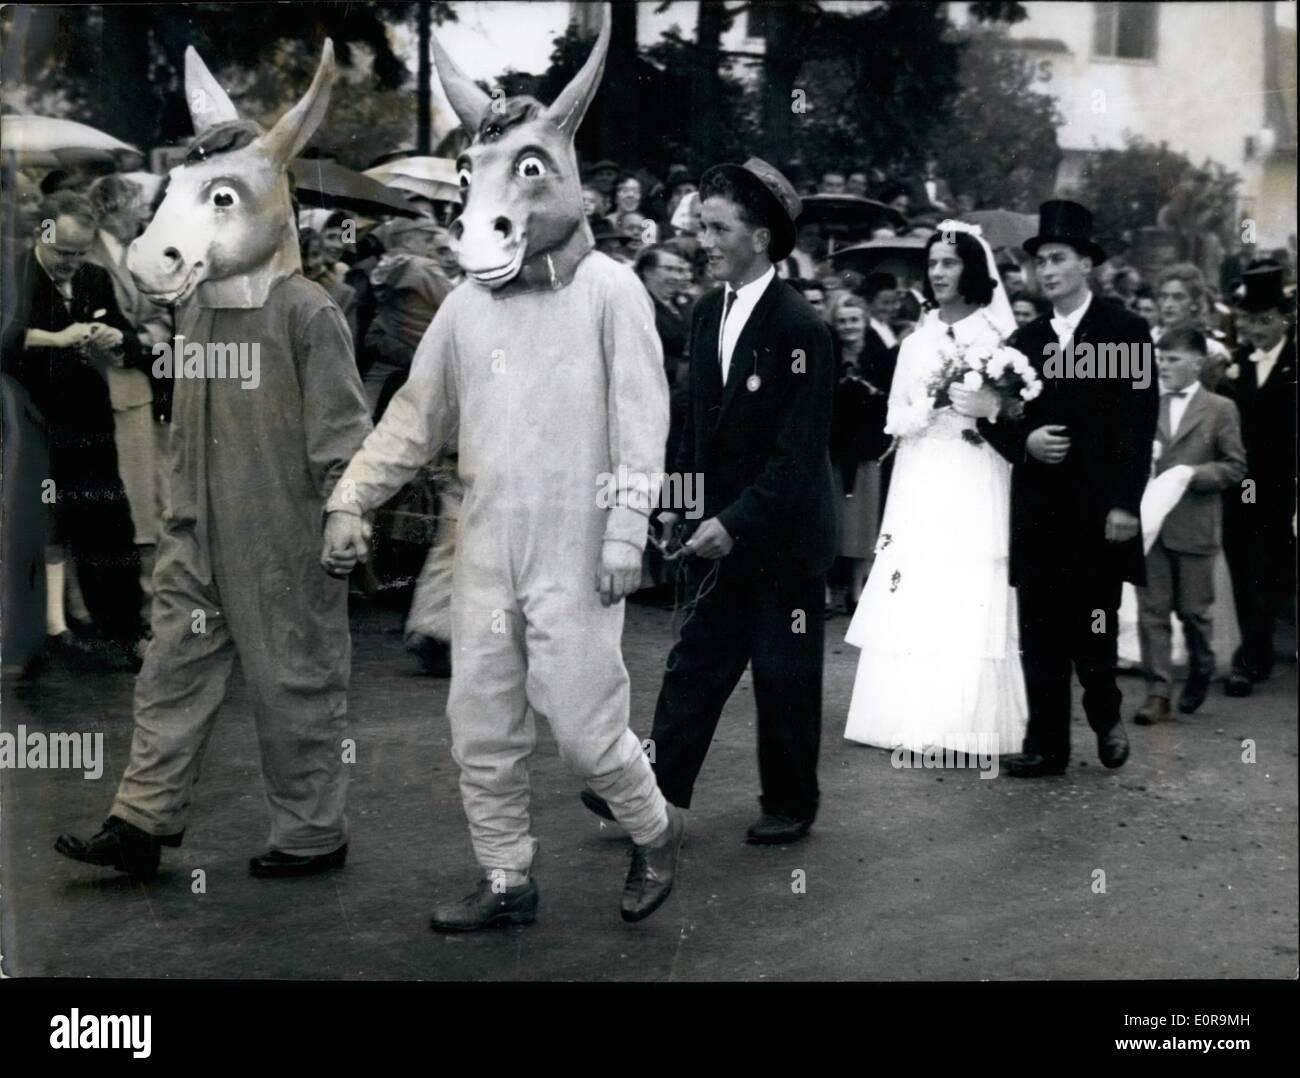 """Sept. 09, 1958 - """"Esel-Weding"""" Trotz des gerichtlichen Verbots: auch genannt '' Esel Jäten """"als offiziellen Diffamierung eines jungen Paares viele Menschen in dem kleinen gekleidet Ort Hütten in der Eifel. Jugend in Hütten war nicht zufrieden mit der """"Som"""", die der junge Ehemann seine Frau bezahlt in Heetten geboren wurde und trotz eines gerichtlichen Verbots nach altem Brauch 'ein Esel Hochzeit' angeordnet, um das junge Paar kleine. Foto zeigt zwei jungen Burschen als Esel führt das junge Paar durch die Straßen von Hetten verkleidet. Stockbild"""